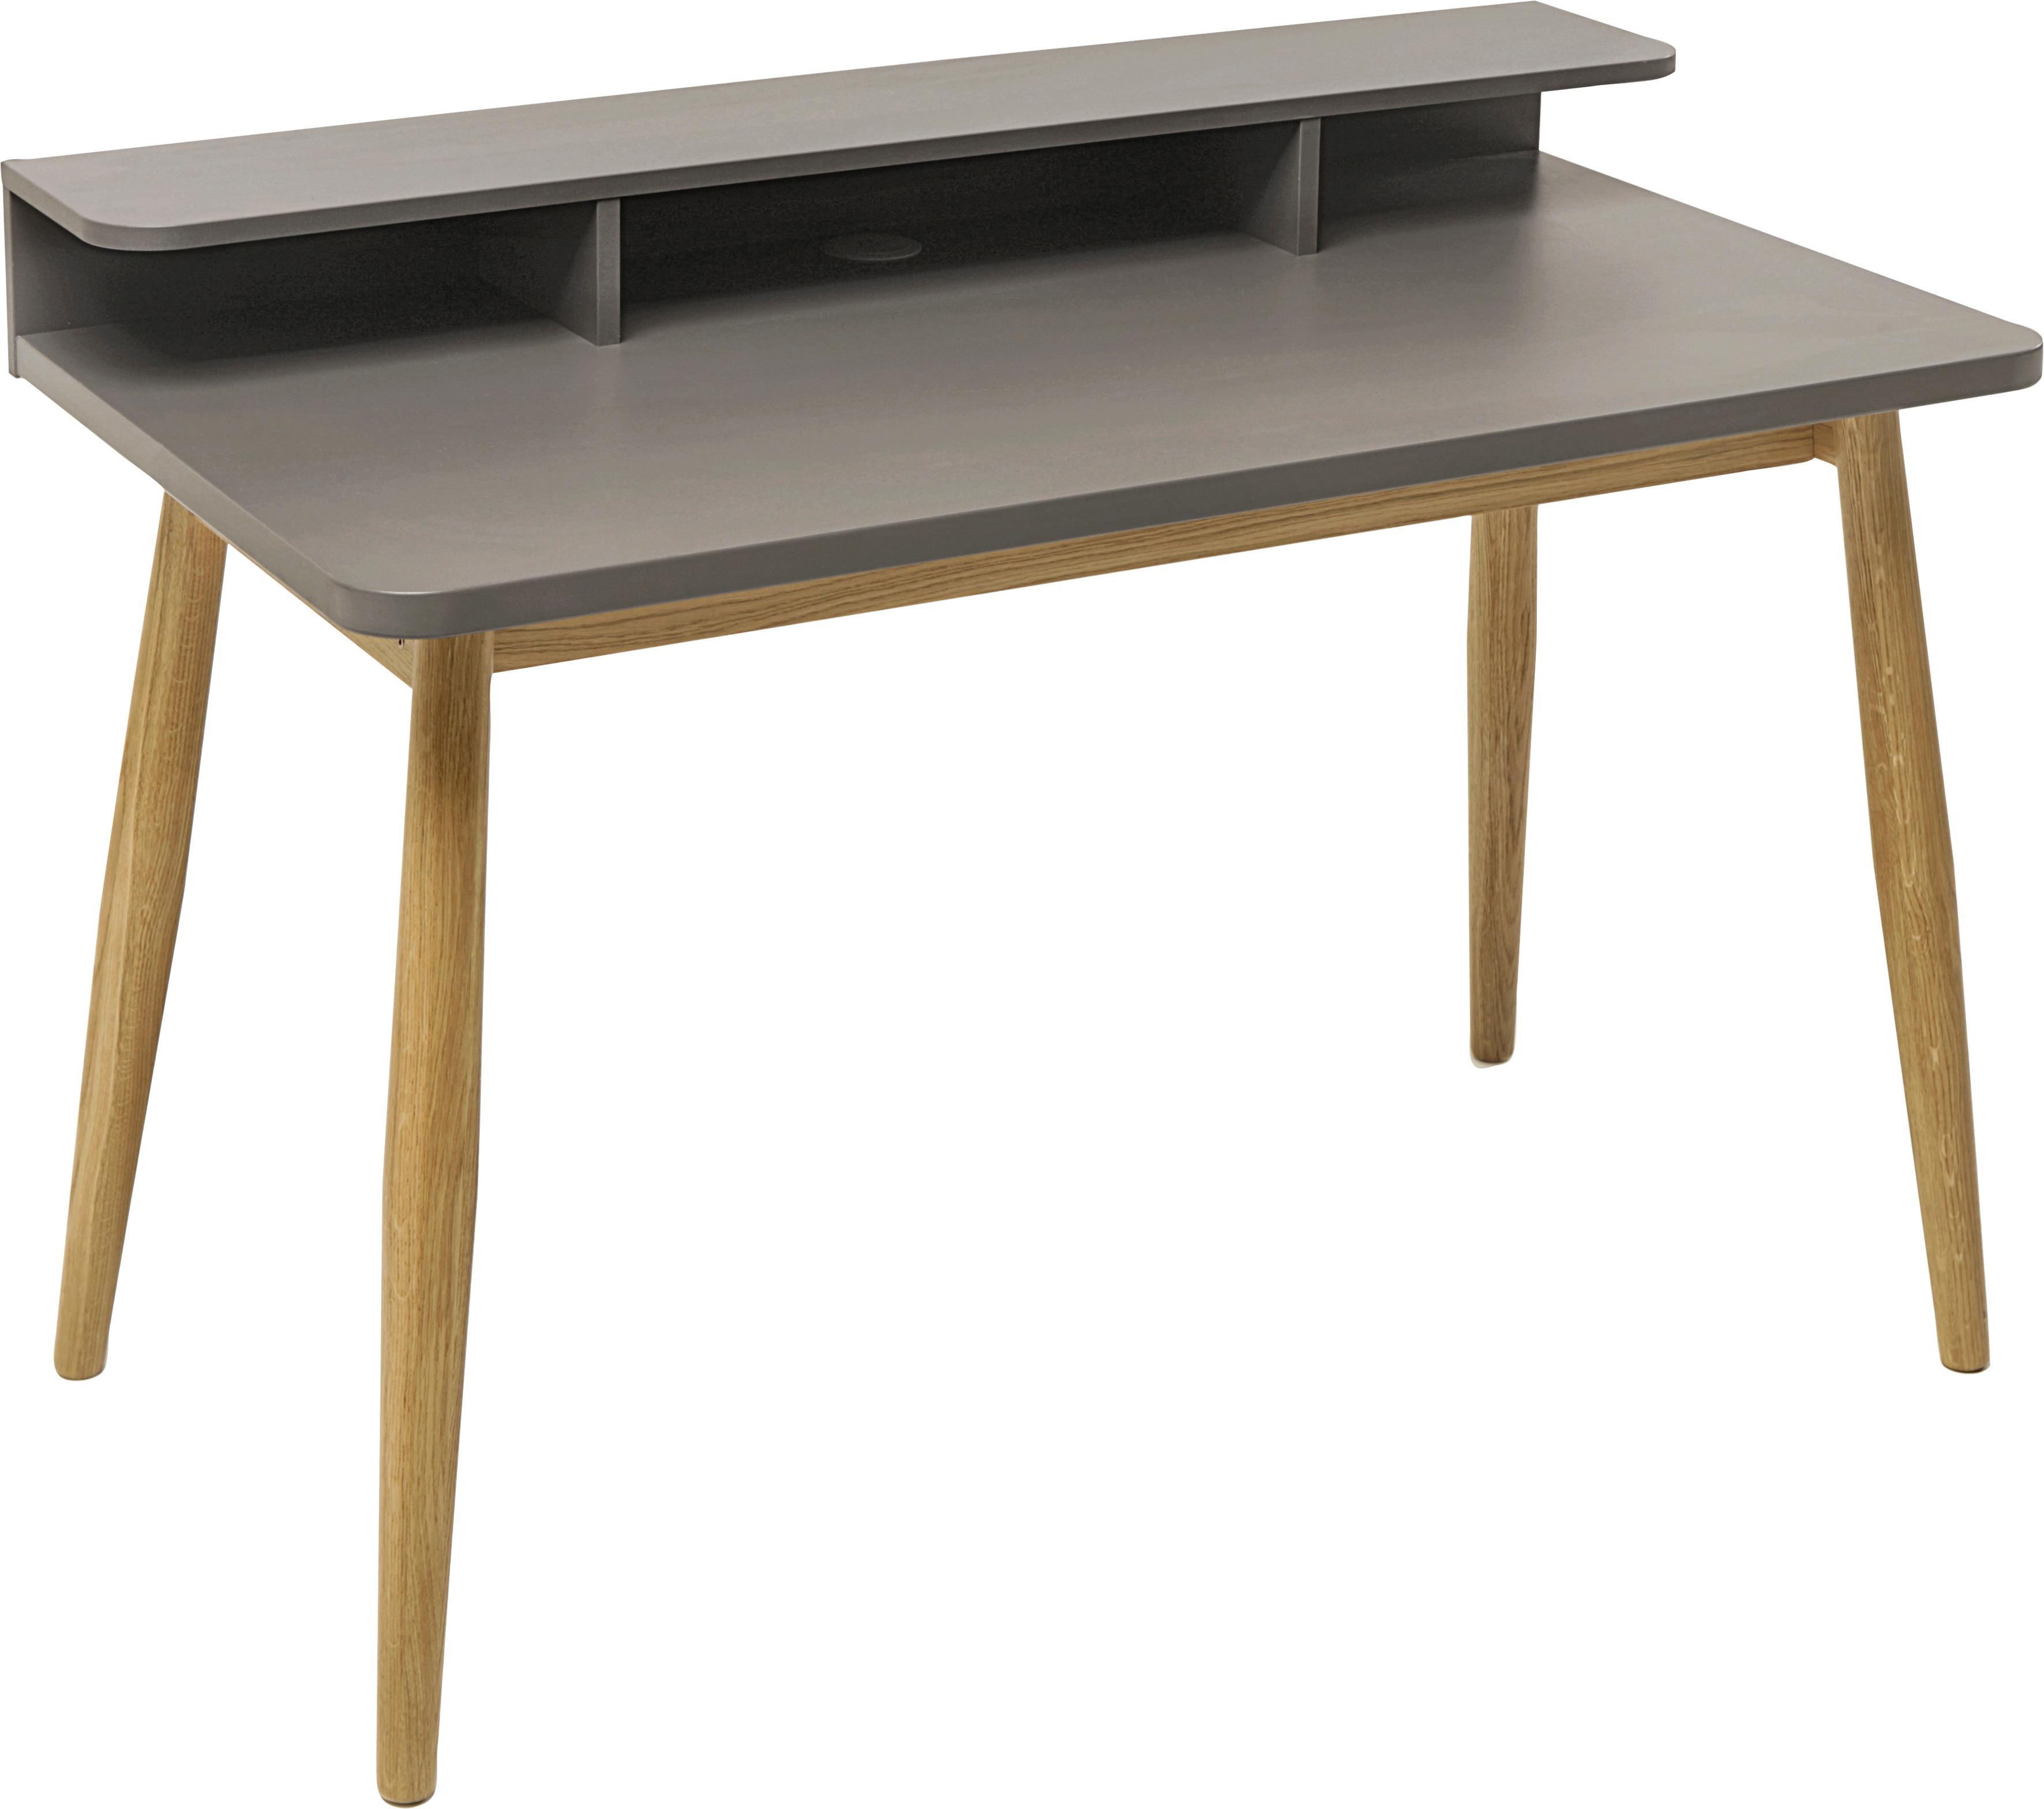 Woodman Schreibtisch Francis im typischen Scandinavian Style